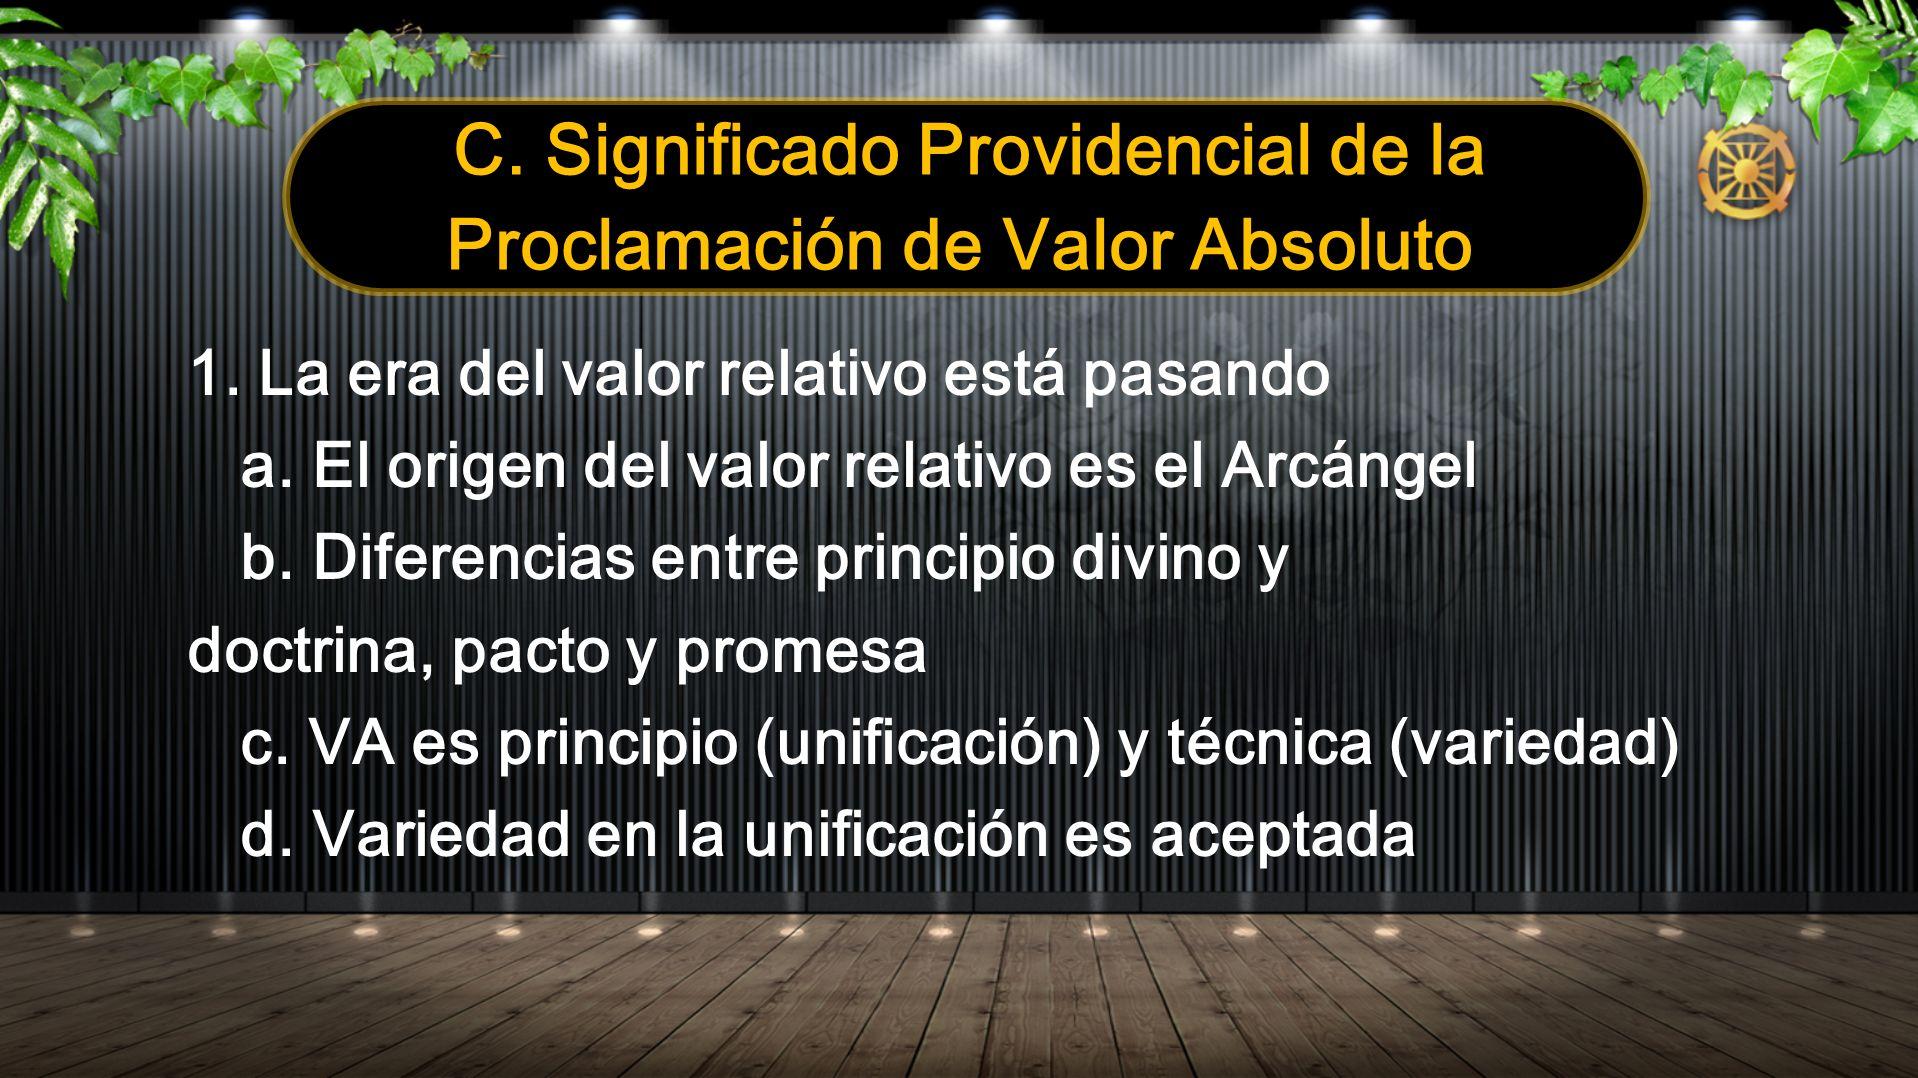 C. Significado Providencial de la Proclamación de Valor Absoluto